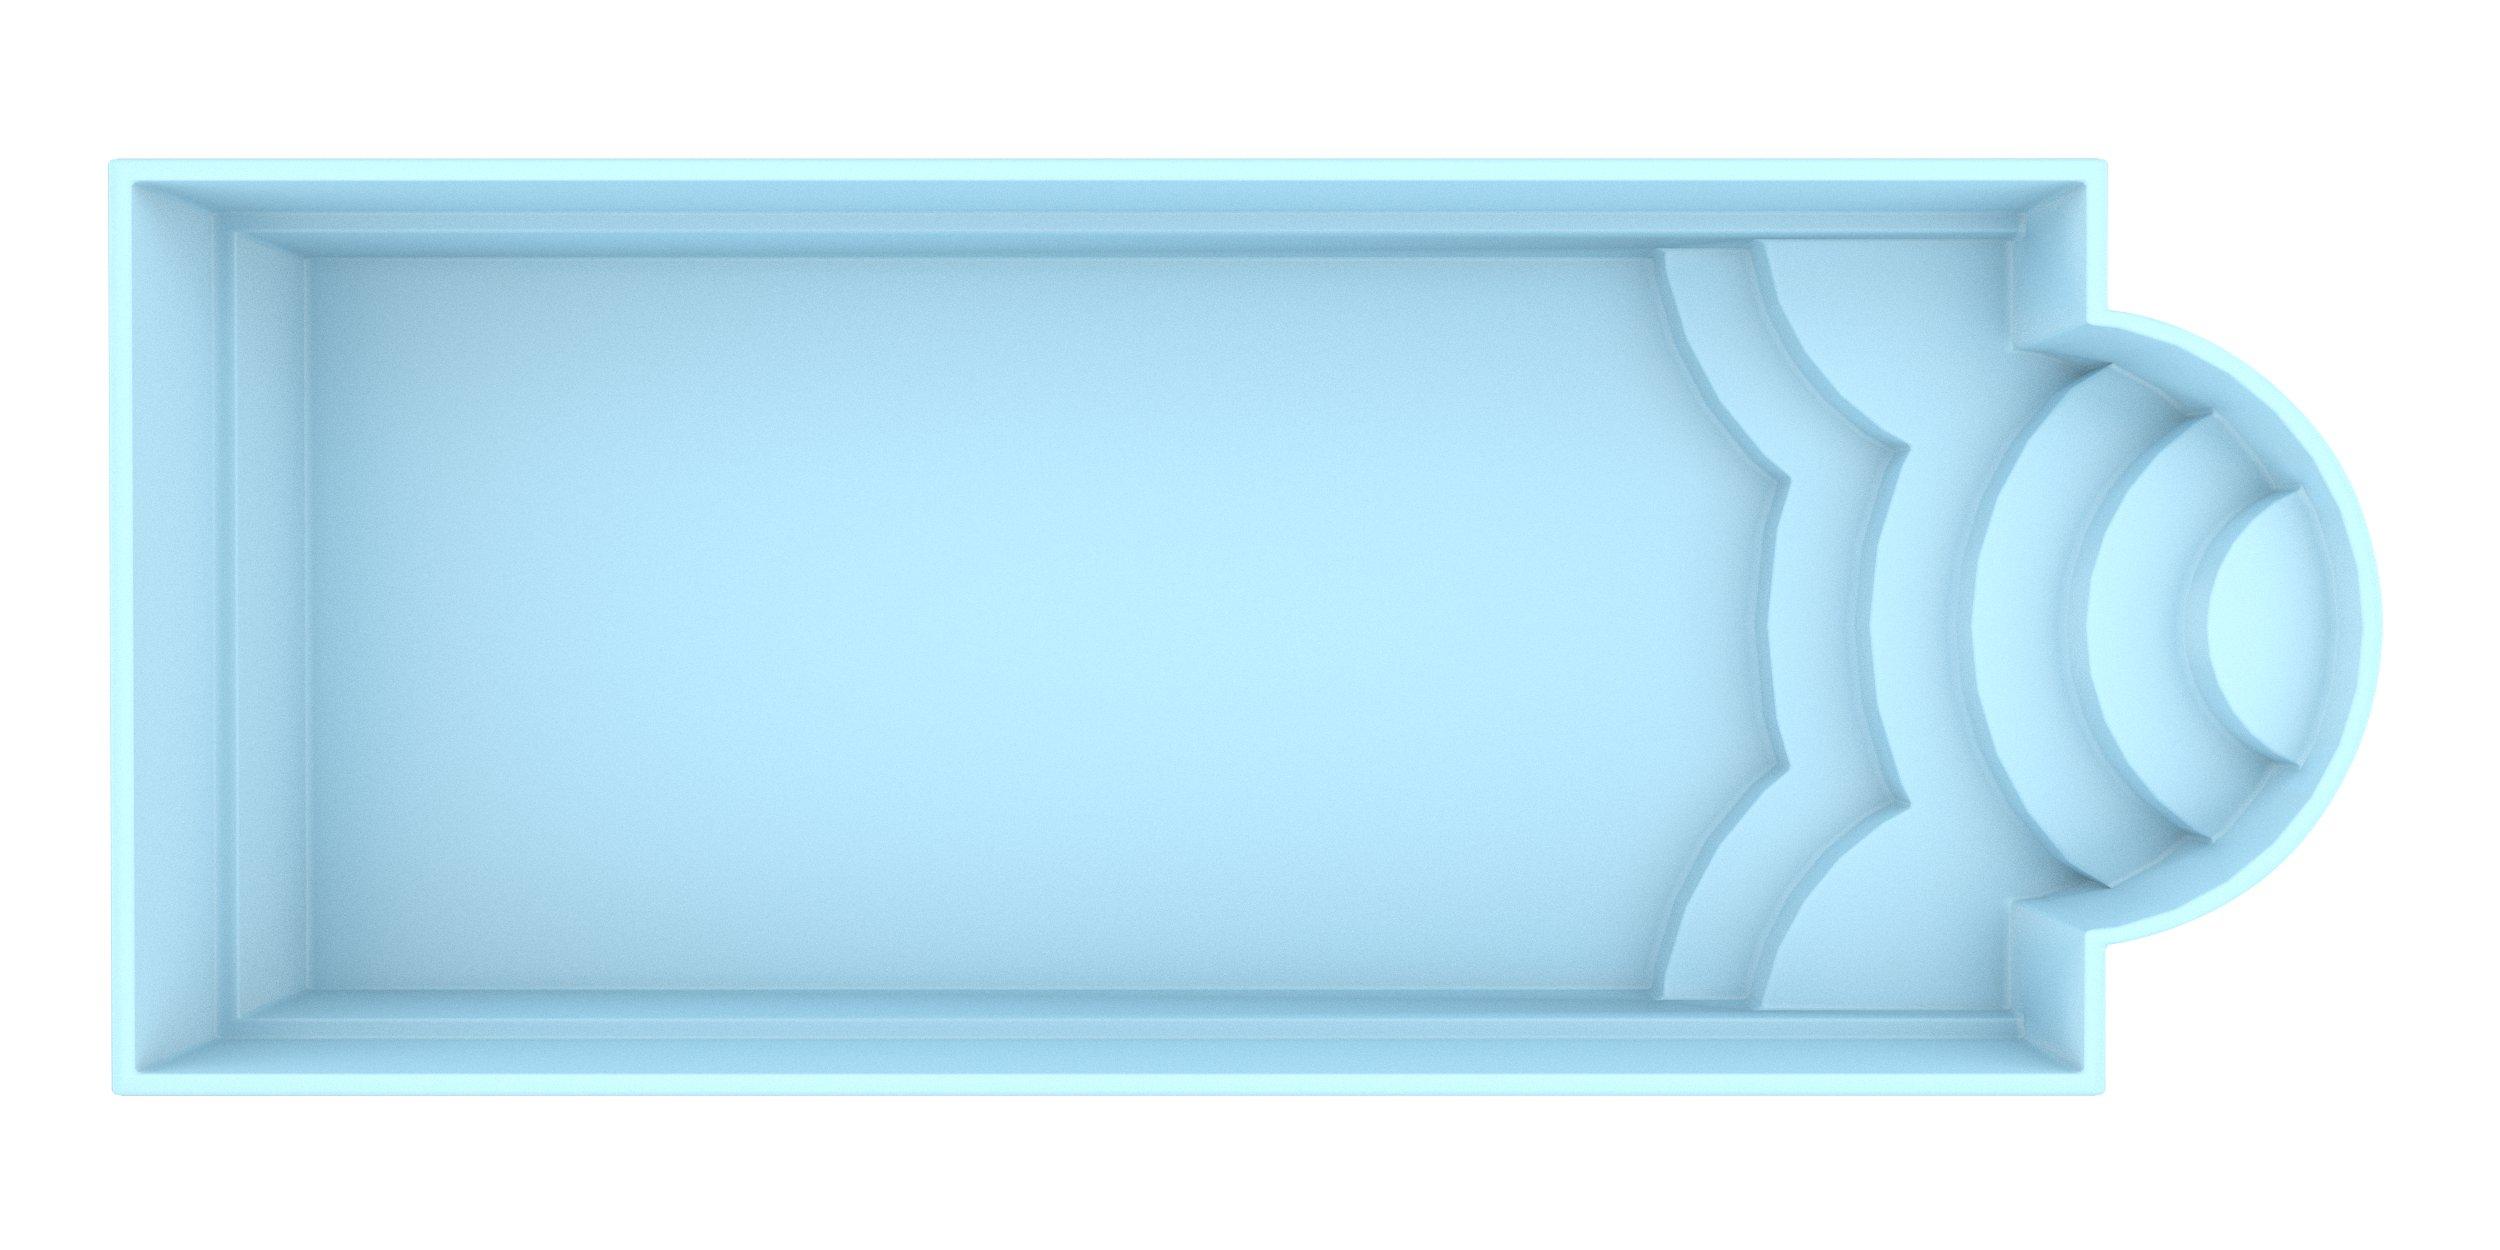 Full Size of Gfk Pool Rund 6m 350 Mit Treppe 3 5m 5 M 4 Kaufen Polen Komplettset Swimmingpool Garten Rundreise Kuba Und Baden Mexiko Whirlpool Esstisch Ausziehbar Rundes Wohnzimmer Gfk Pool Rund